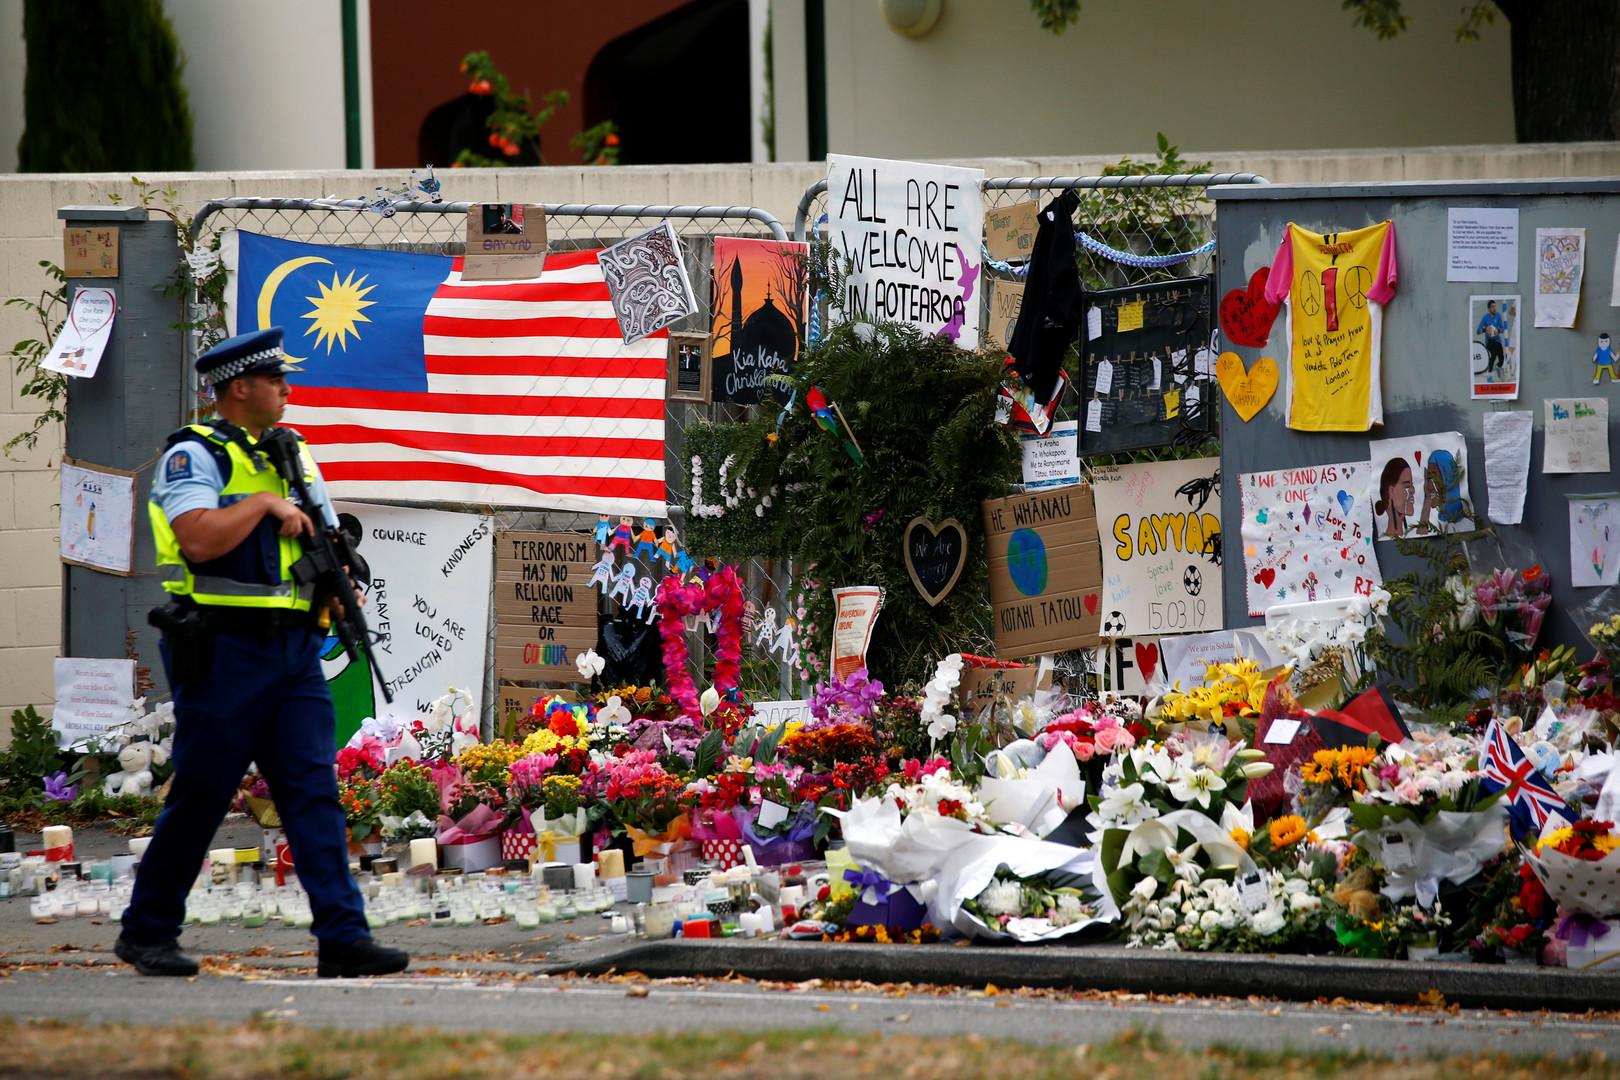 حصيلة قتلى مجزرة المسجدين في نيوزيلندا ترتفع إلى51 شخصا بعد وفاة تركي في المشفى